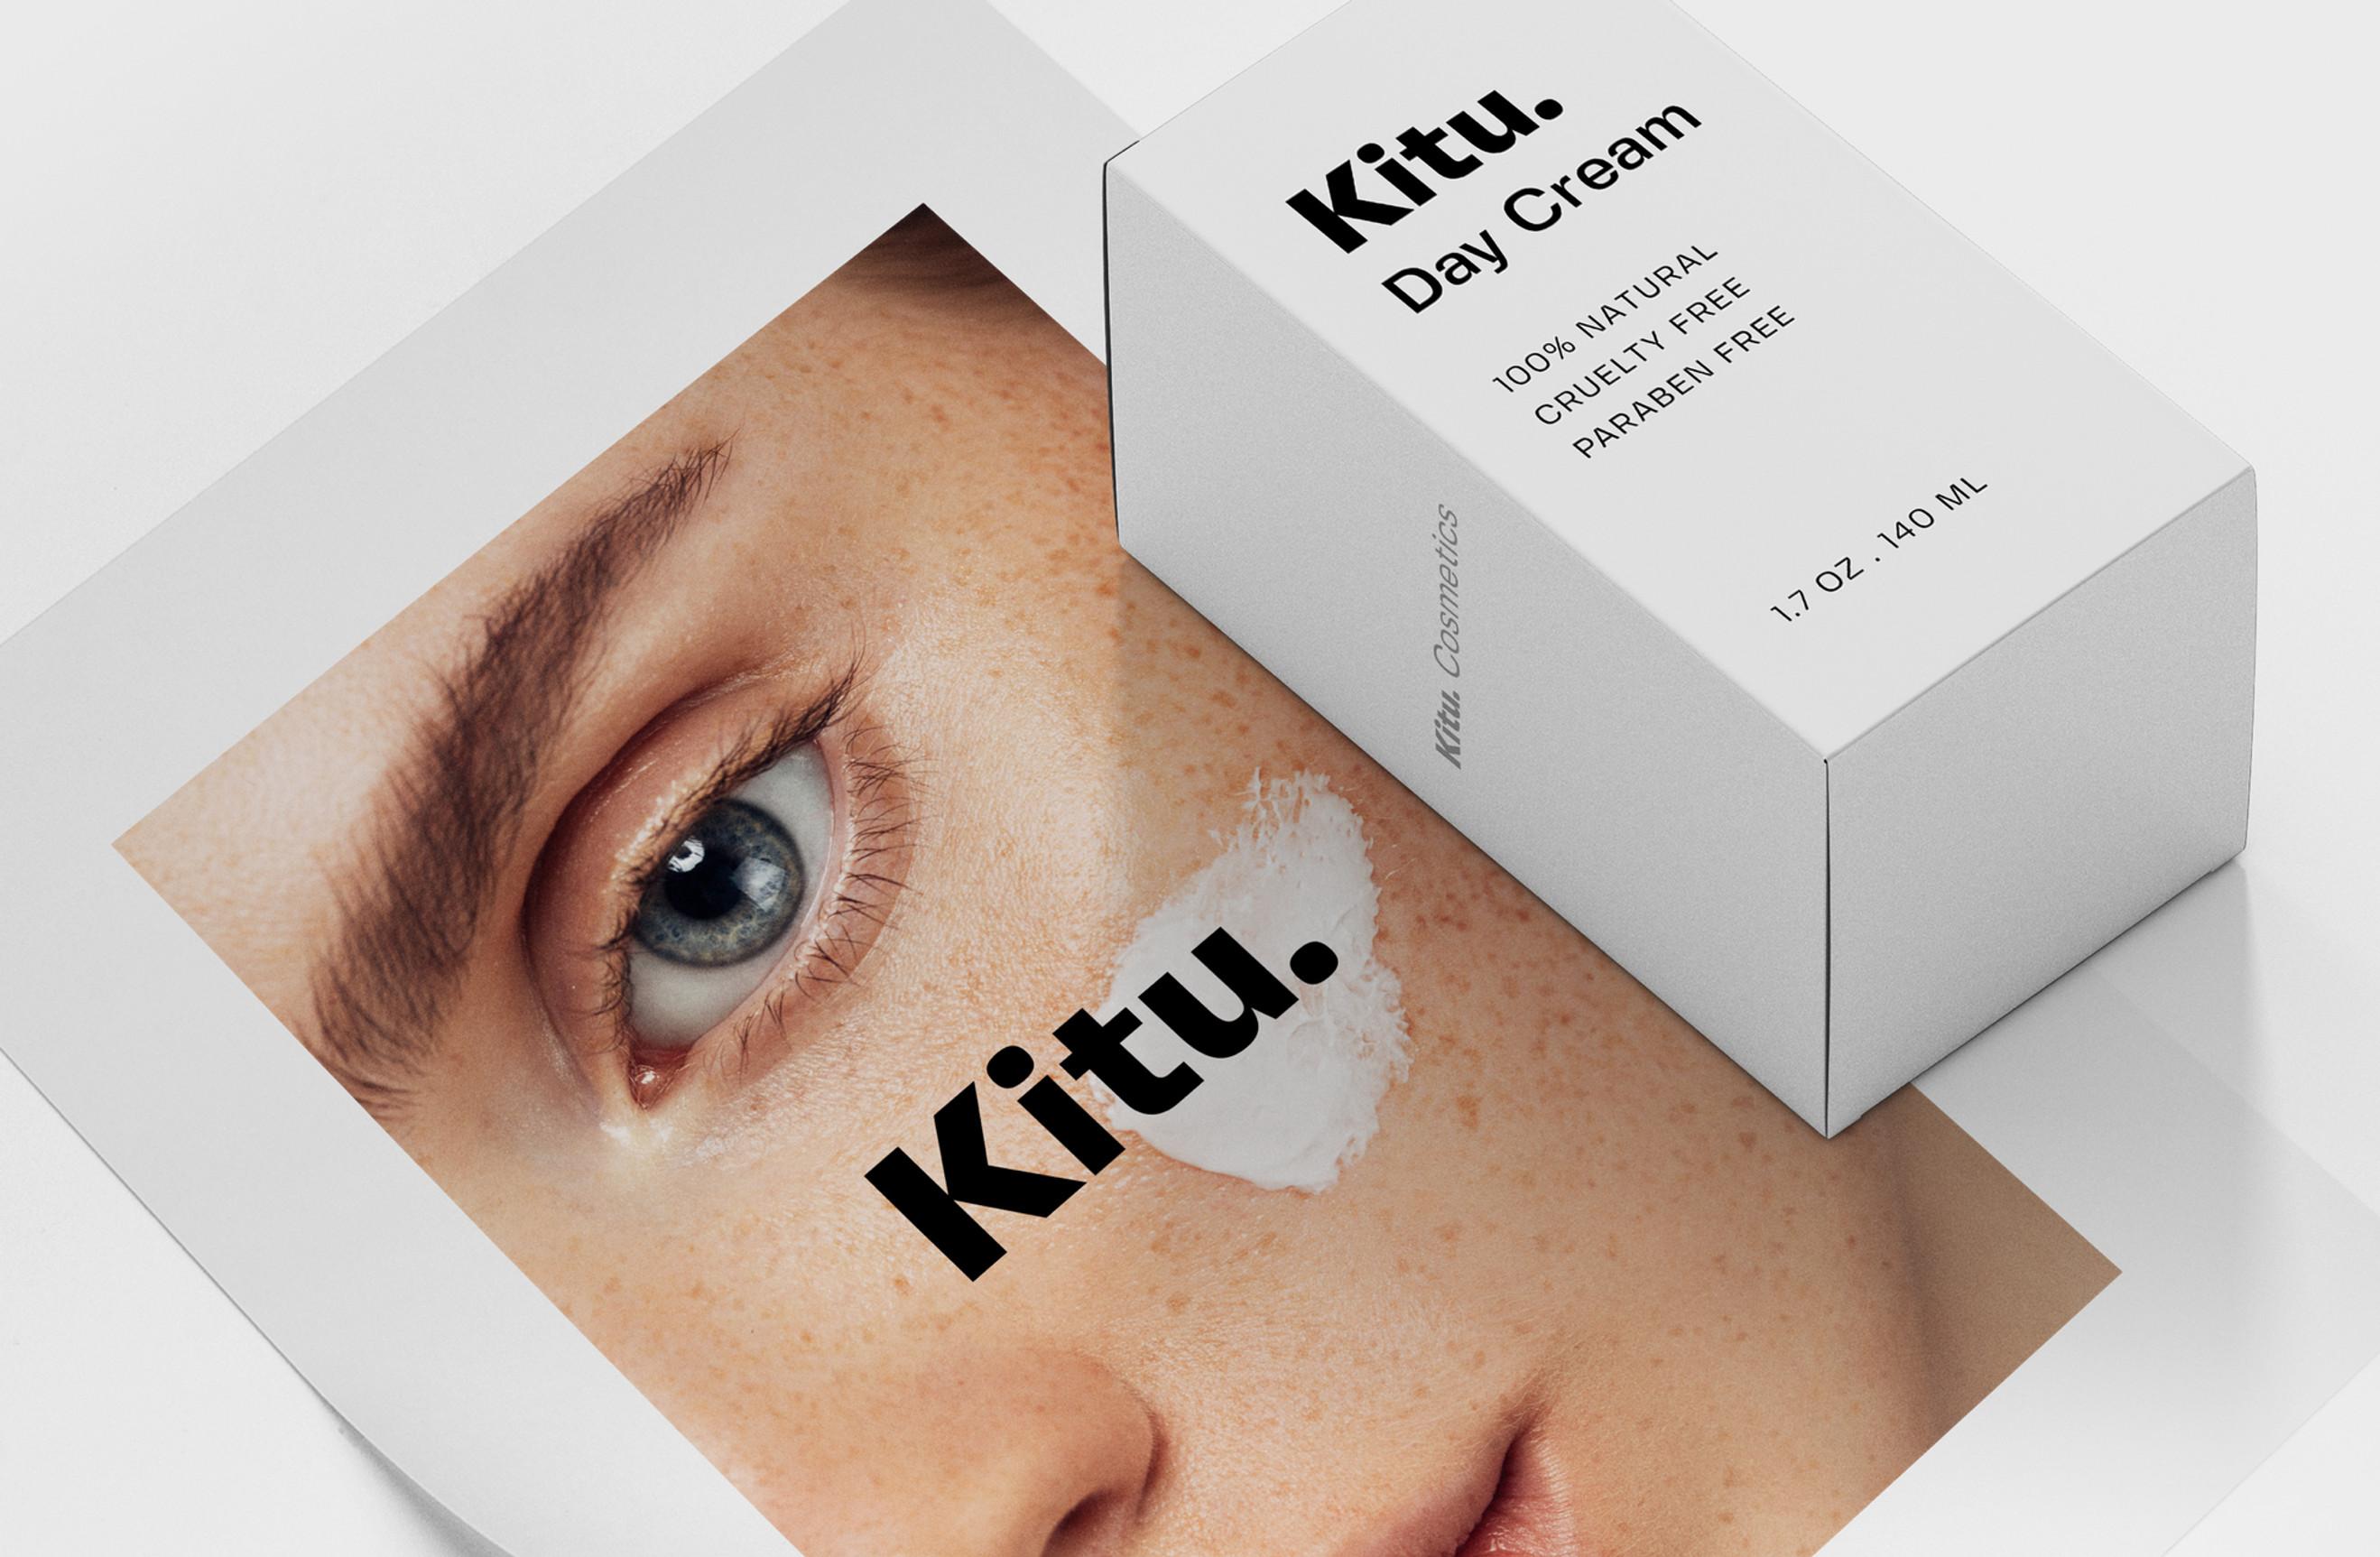 Konsultacje ws. produktów kosmetycznych